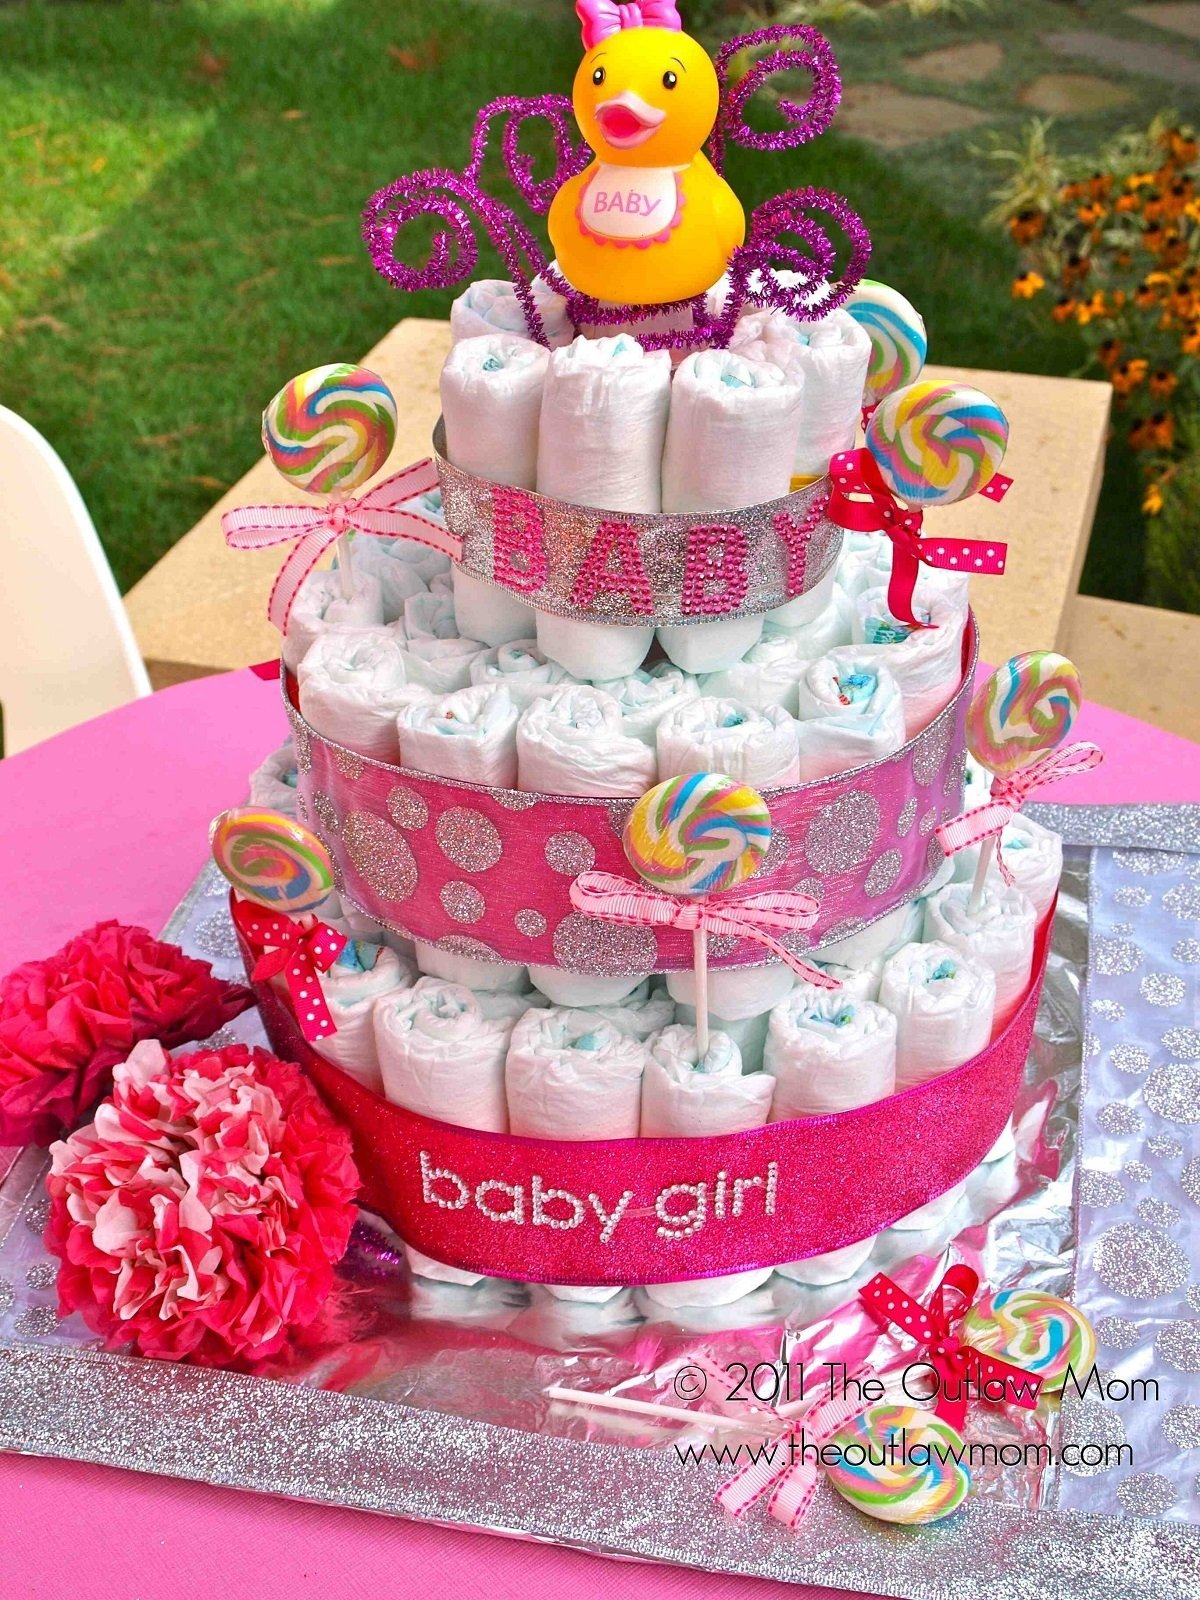 10 Unique Baby Shower Decoration Ideas Pictures creative elephanthemed baby shower decorations design ideas modern